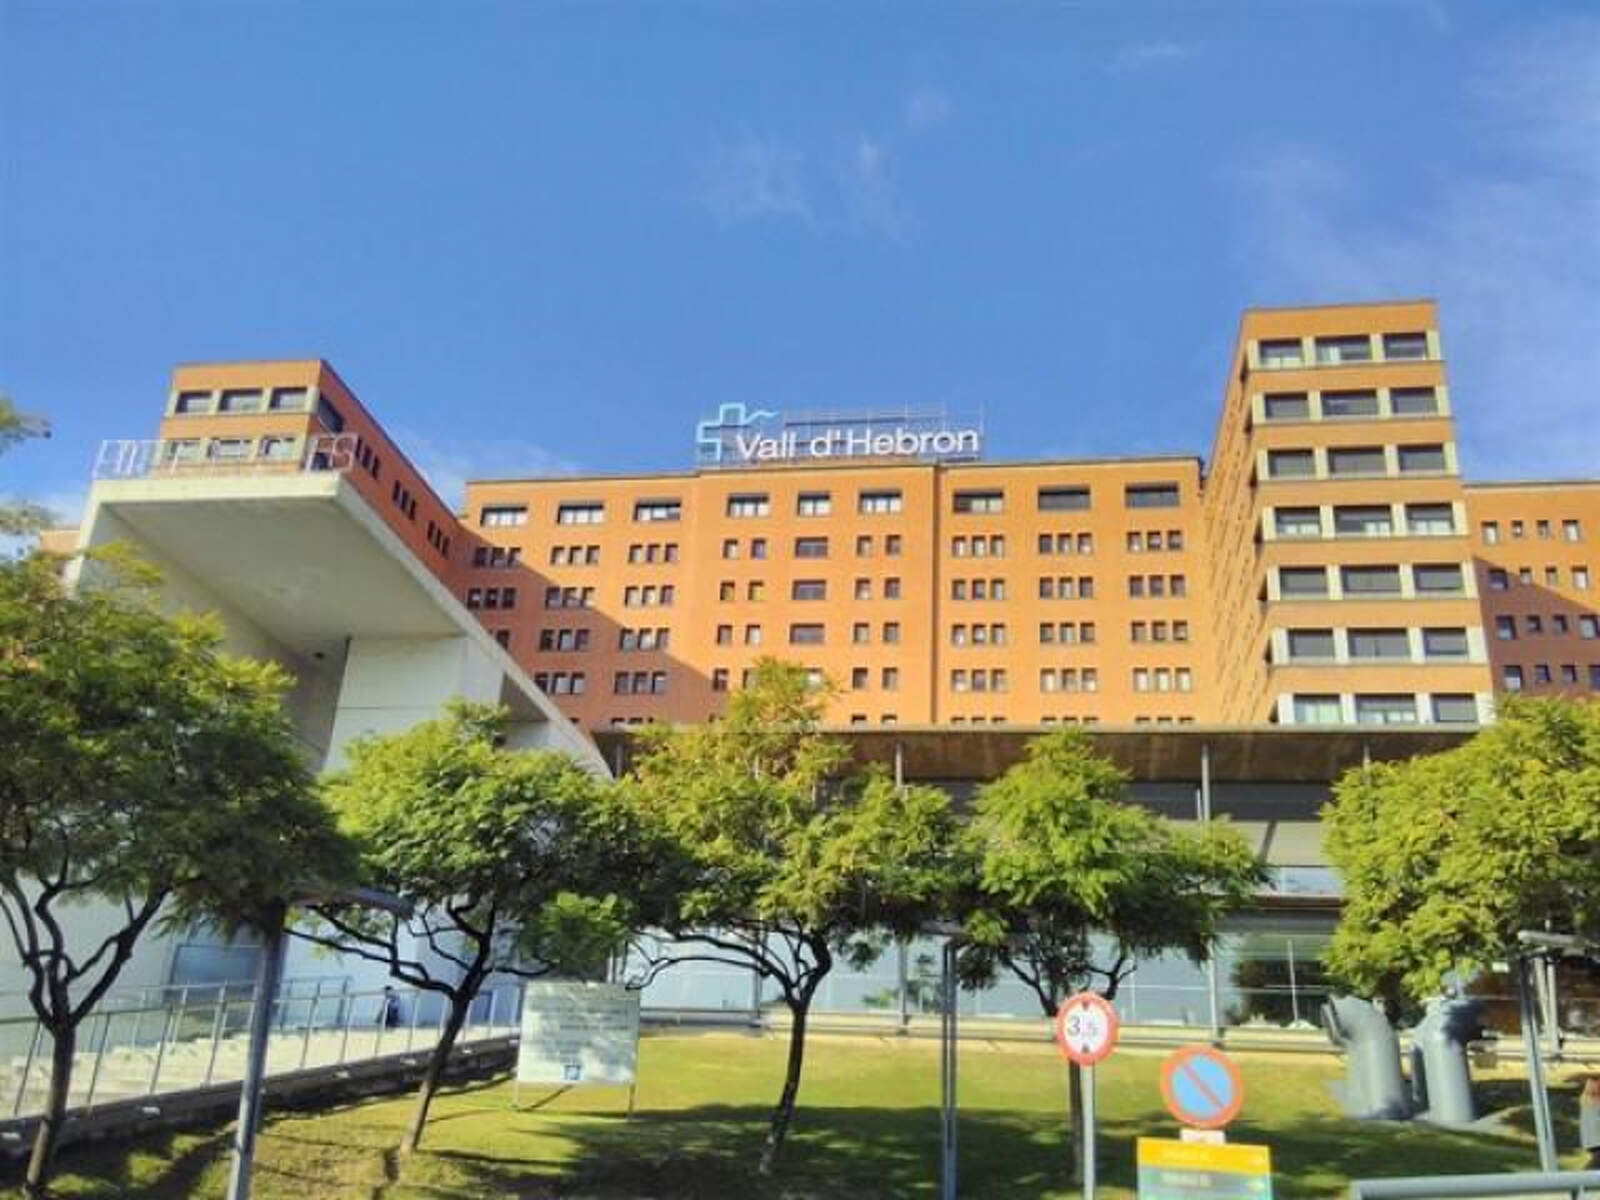 L'entrada de l'hospital Vall d'Hebron, en una imatge d'arxiu